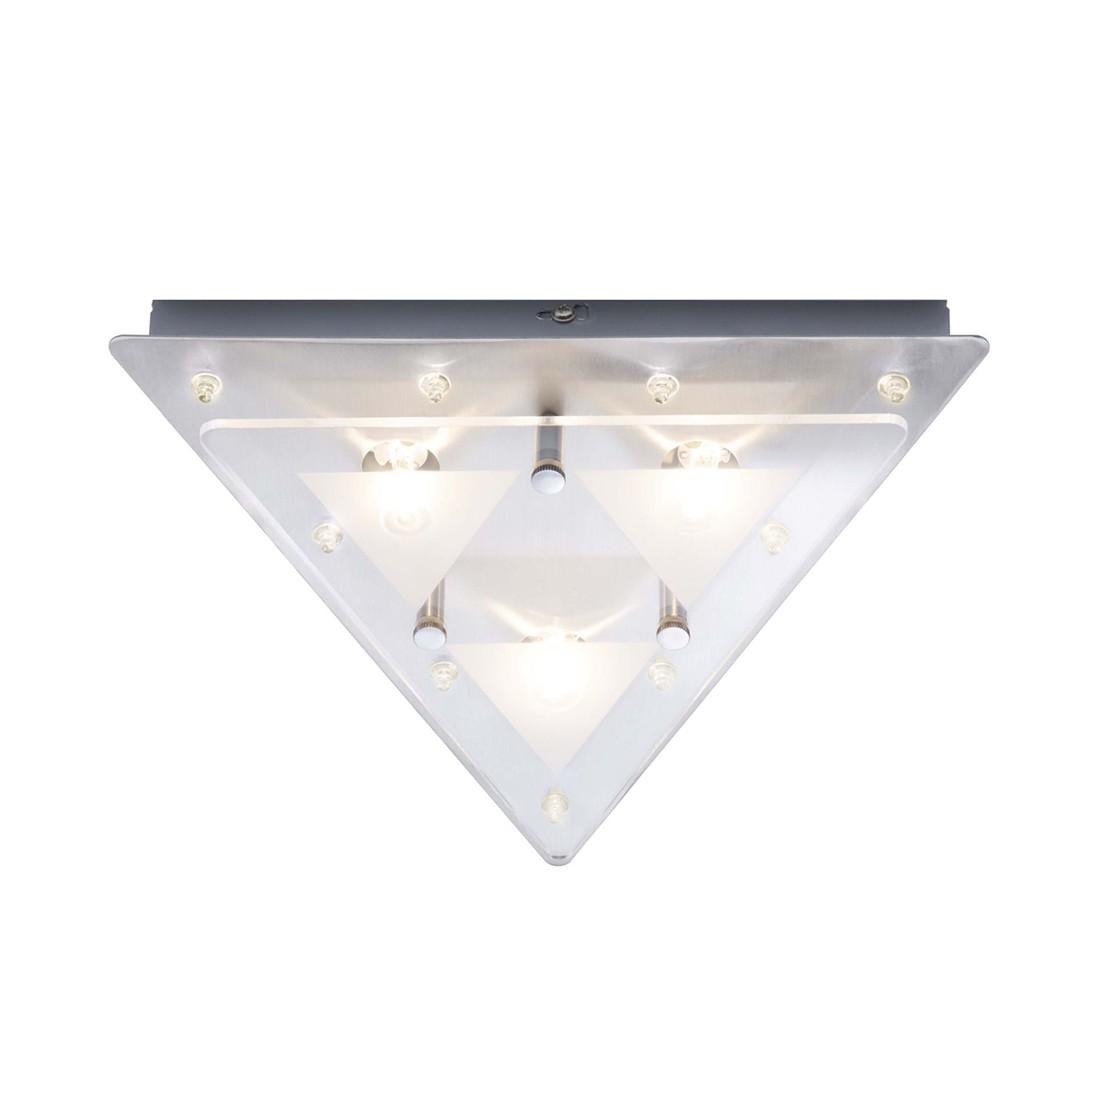 wandlamp slaapkamer met schakelaar : lampen energie A++, Wandlamp ...